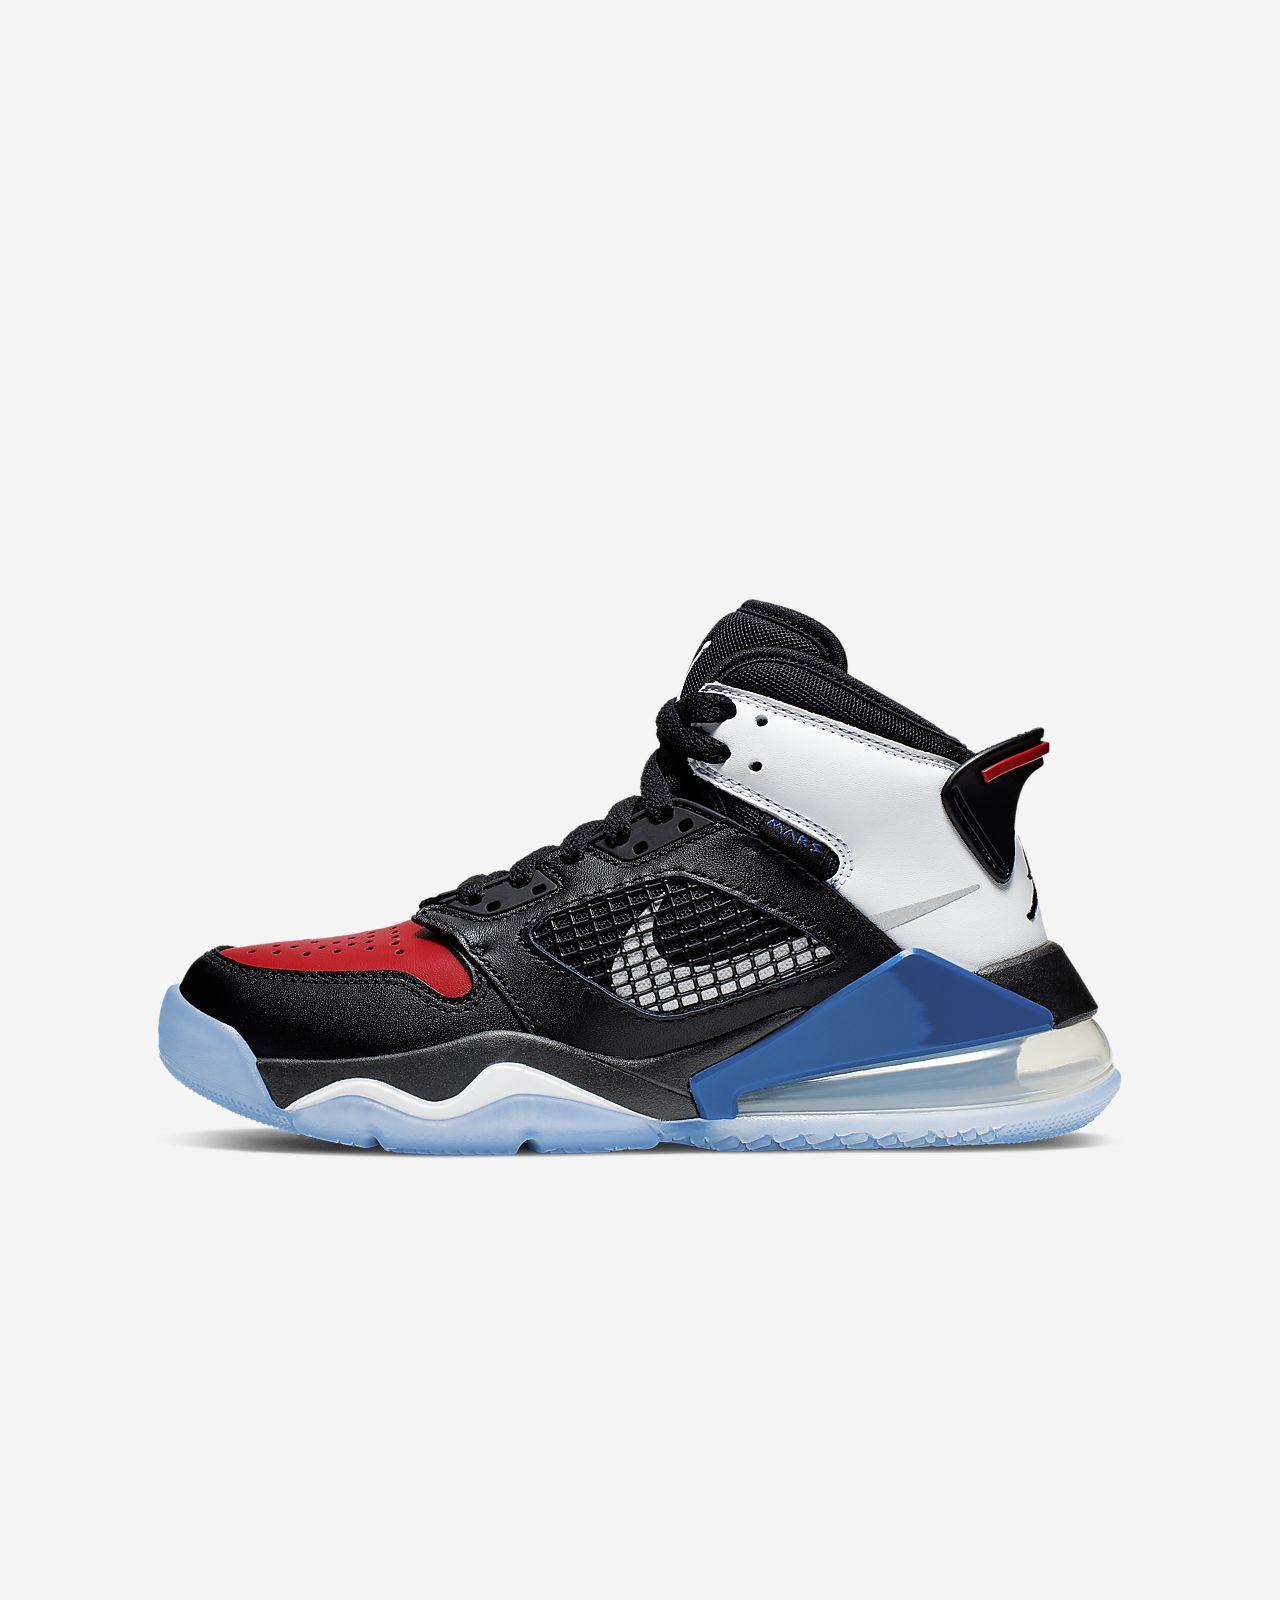 Jordan Mars 270 Genç Çocuk Ayakkabısı